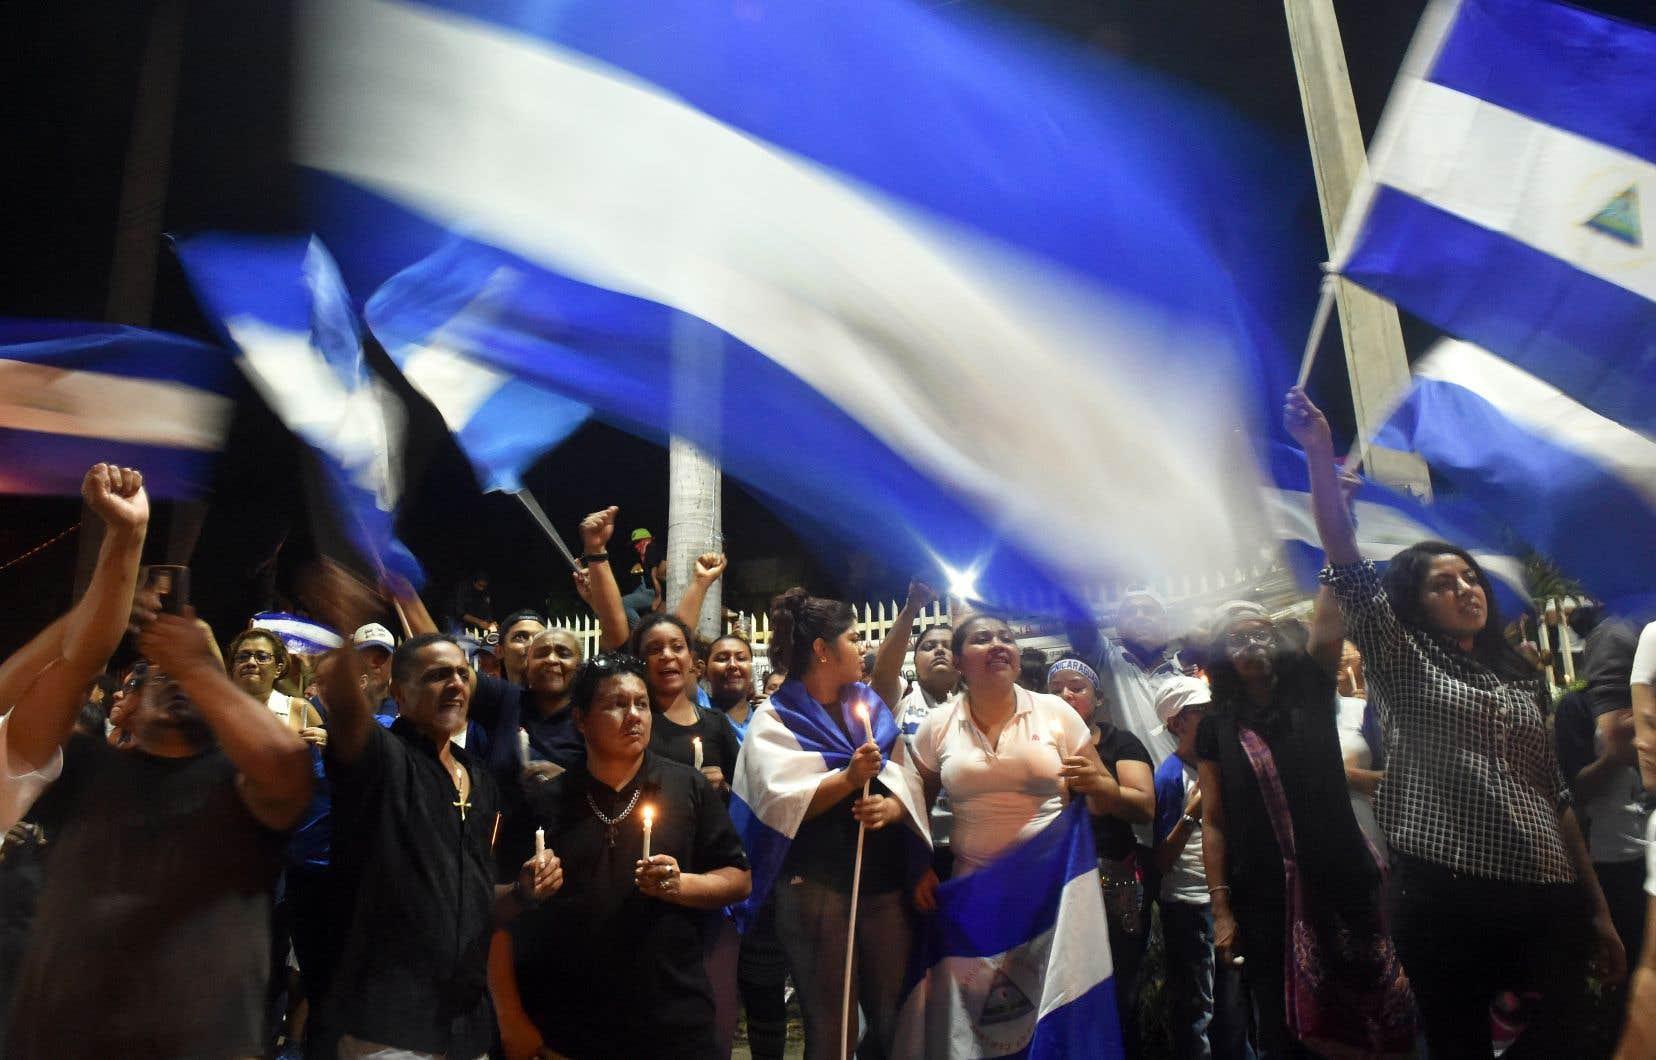 Des étudiants ont allumé des bougies lors d'une «Marche pour la paix et le dialogue» à Managua, lundi.